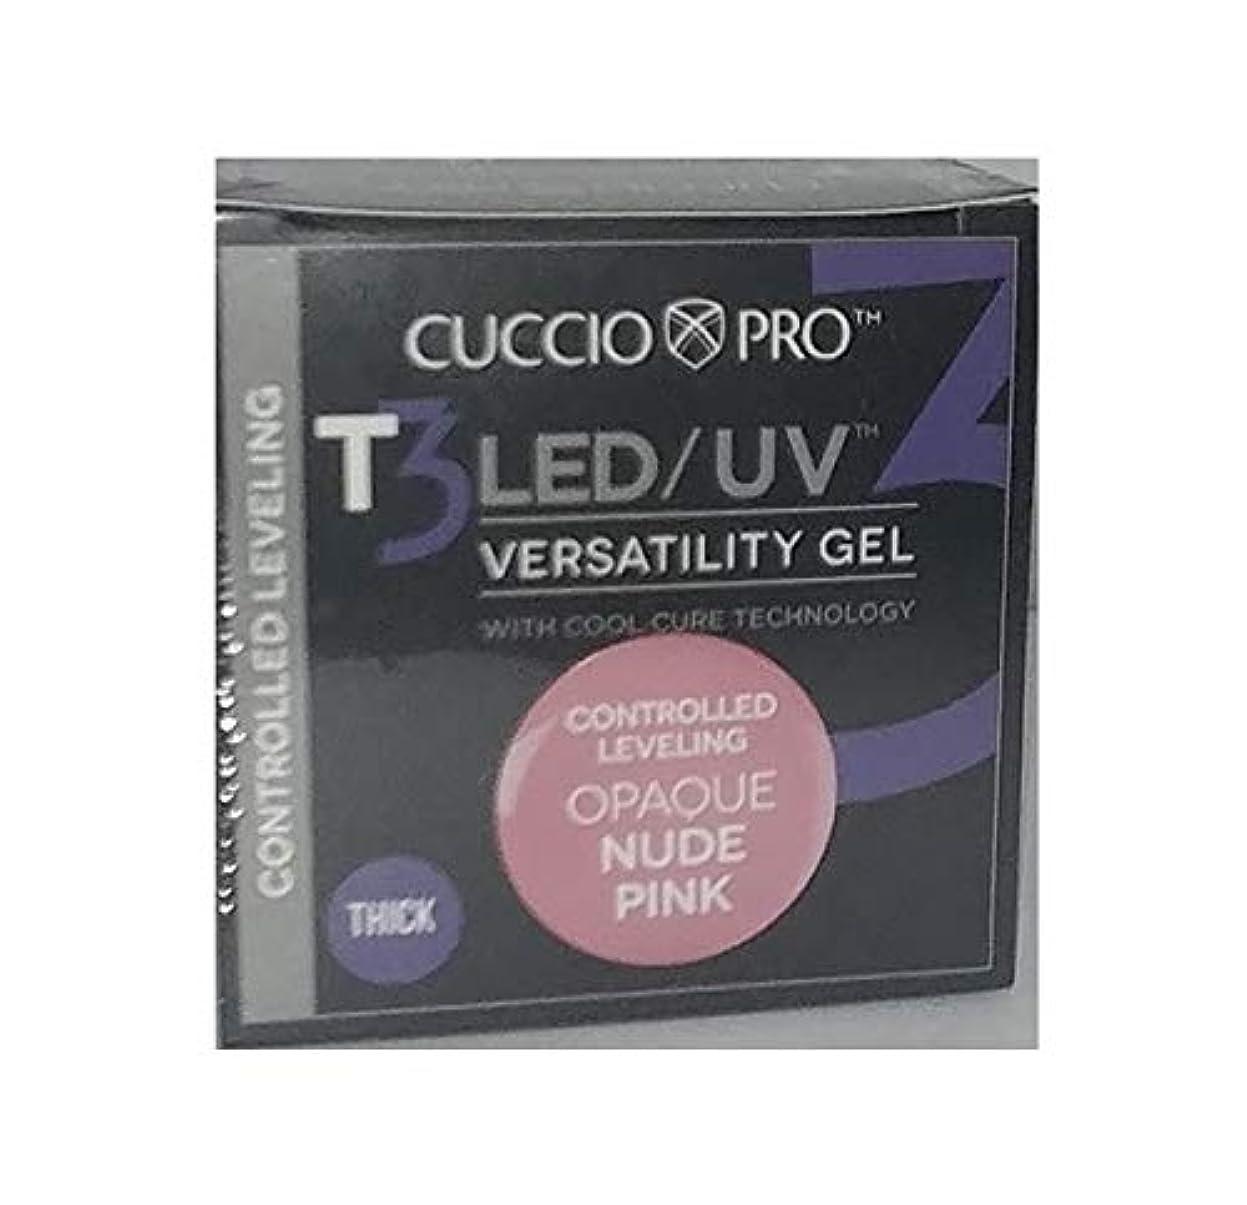 電話直接遠足Cuccio Pro - T3 LED/UV Gel - Controlled Leveling - Opaque Nude Pink - 1 oz / 28 g